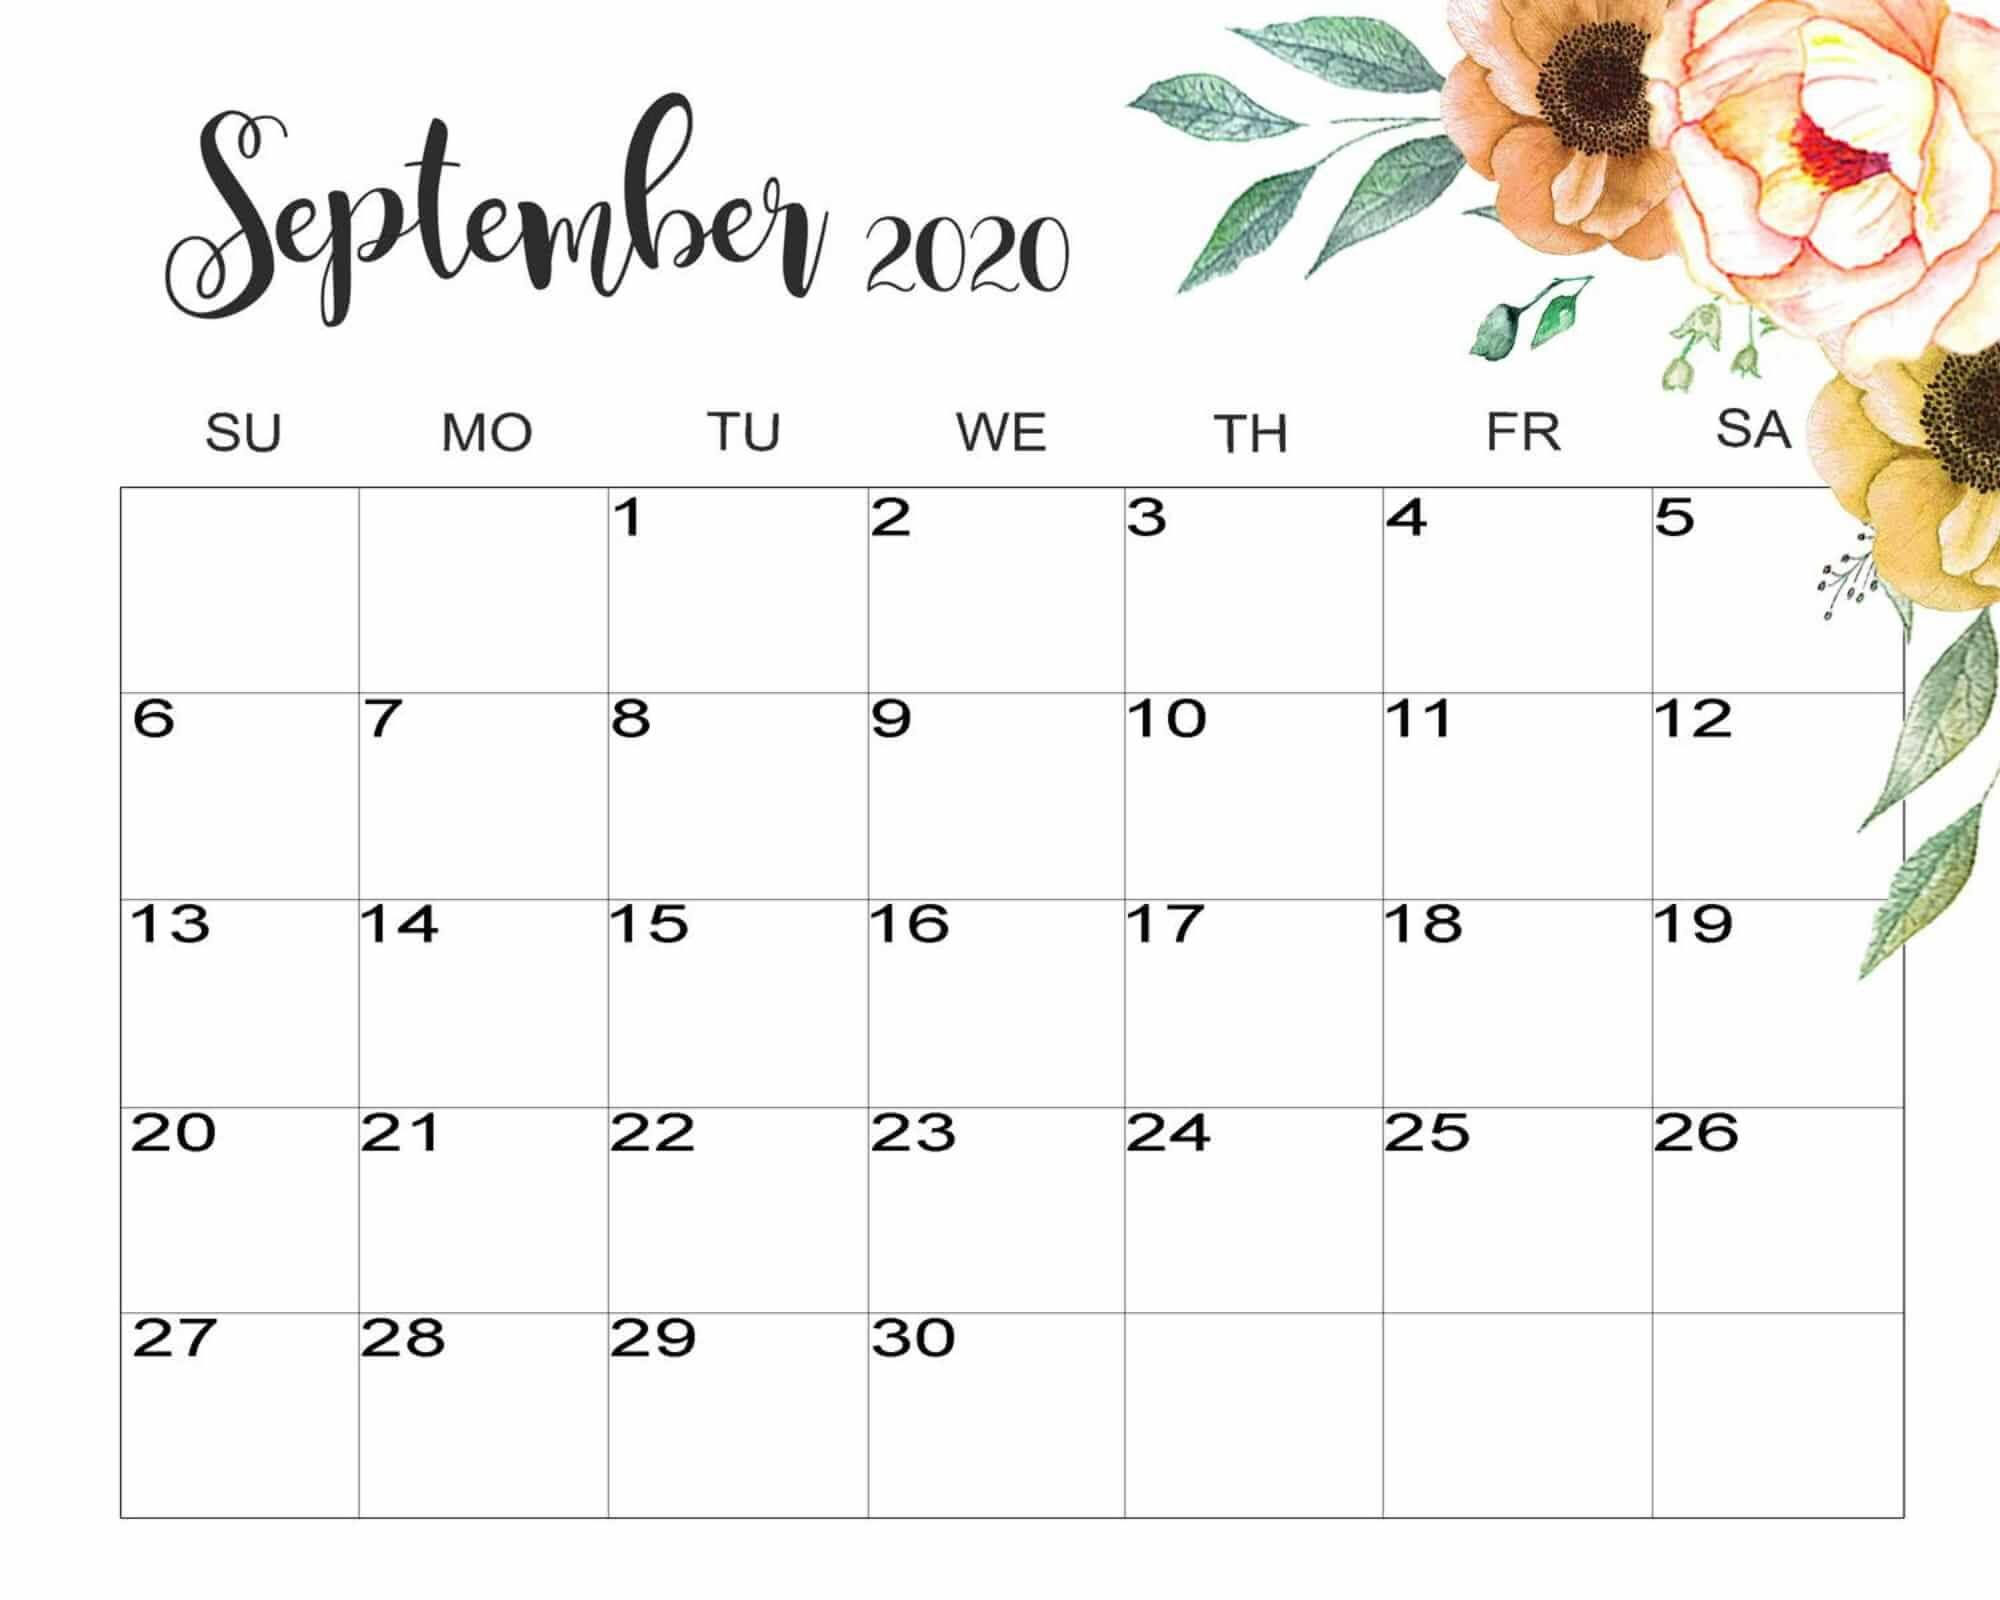 Decorative September 2020 Calendar in 2020 | Calendar ...